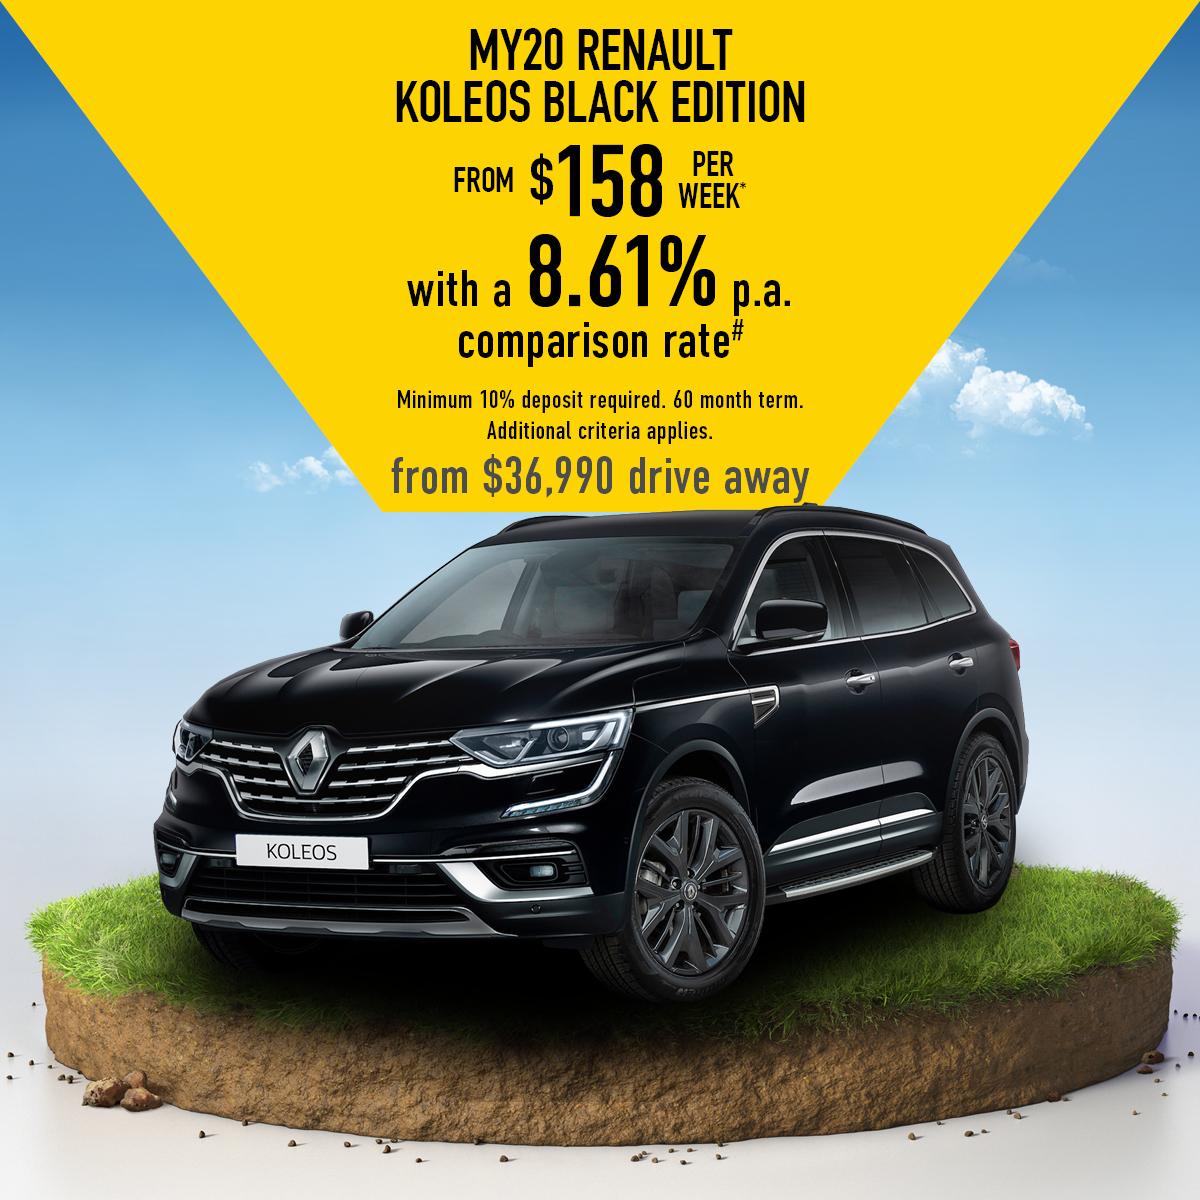 2020 MY20 Renault Koleos Black Edition